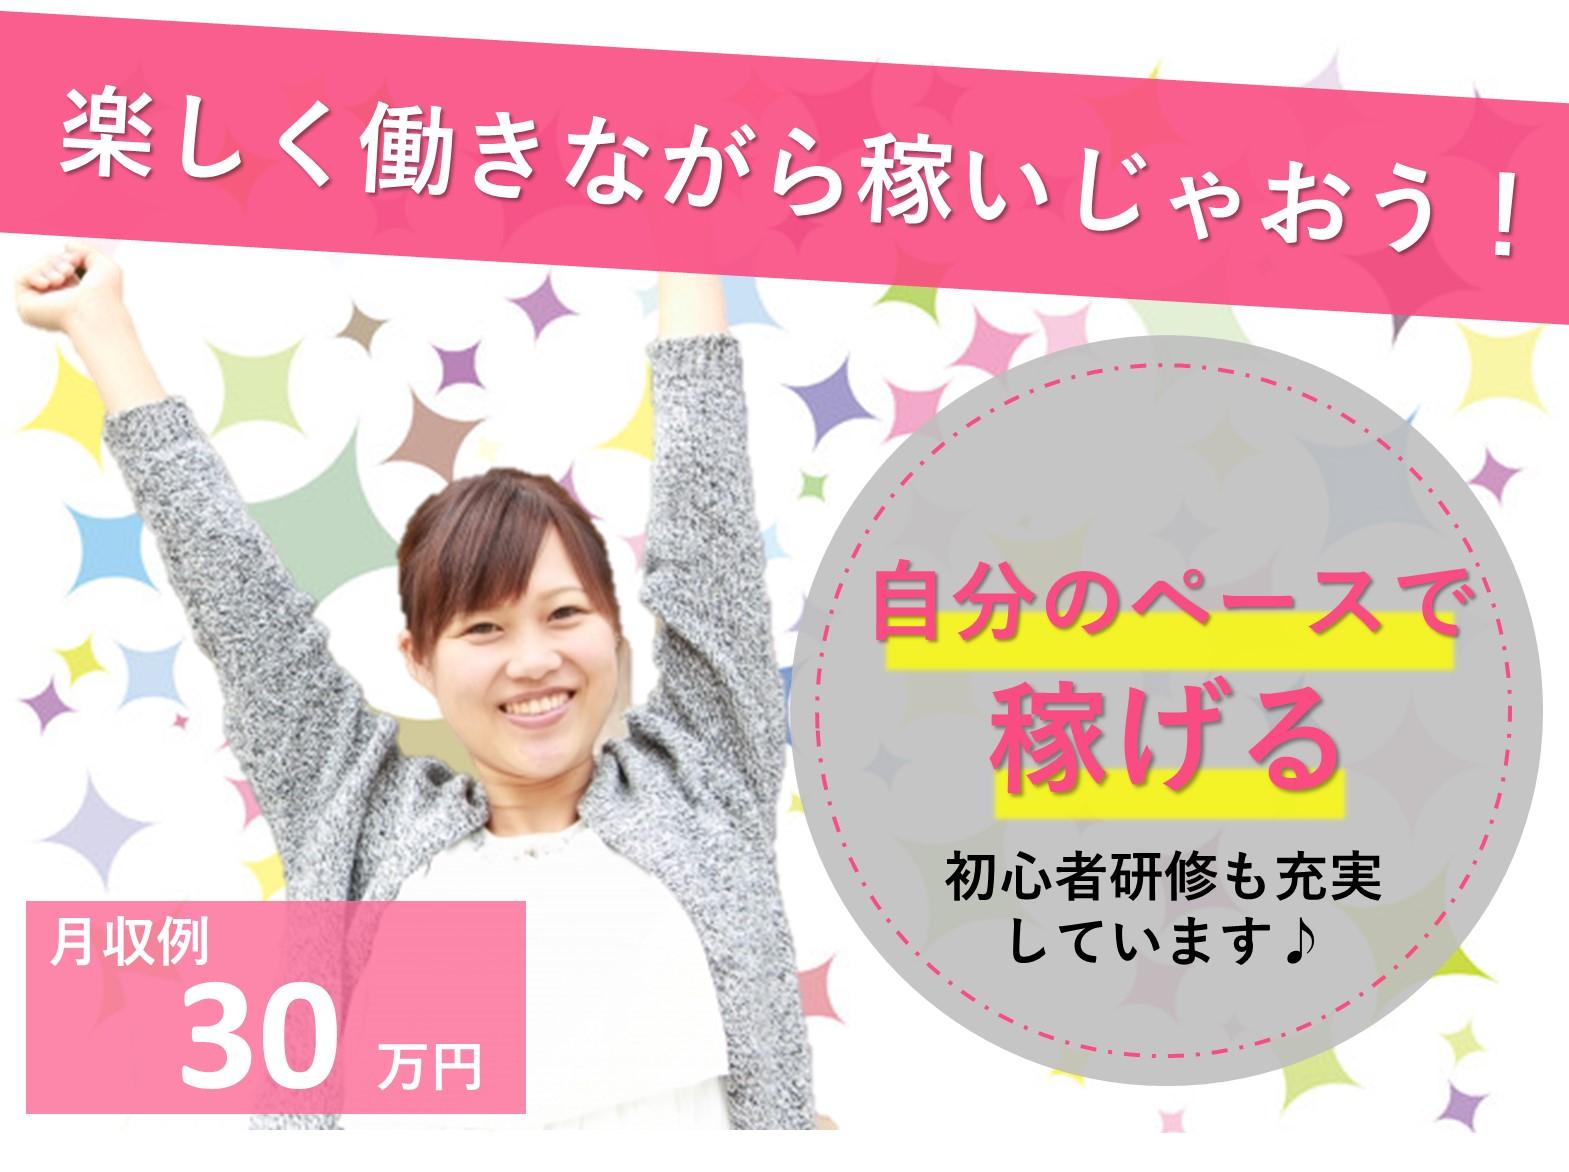 未経験・女性歓迎!タクシーサービスアテンダント!平均年収470万円! イメージ